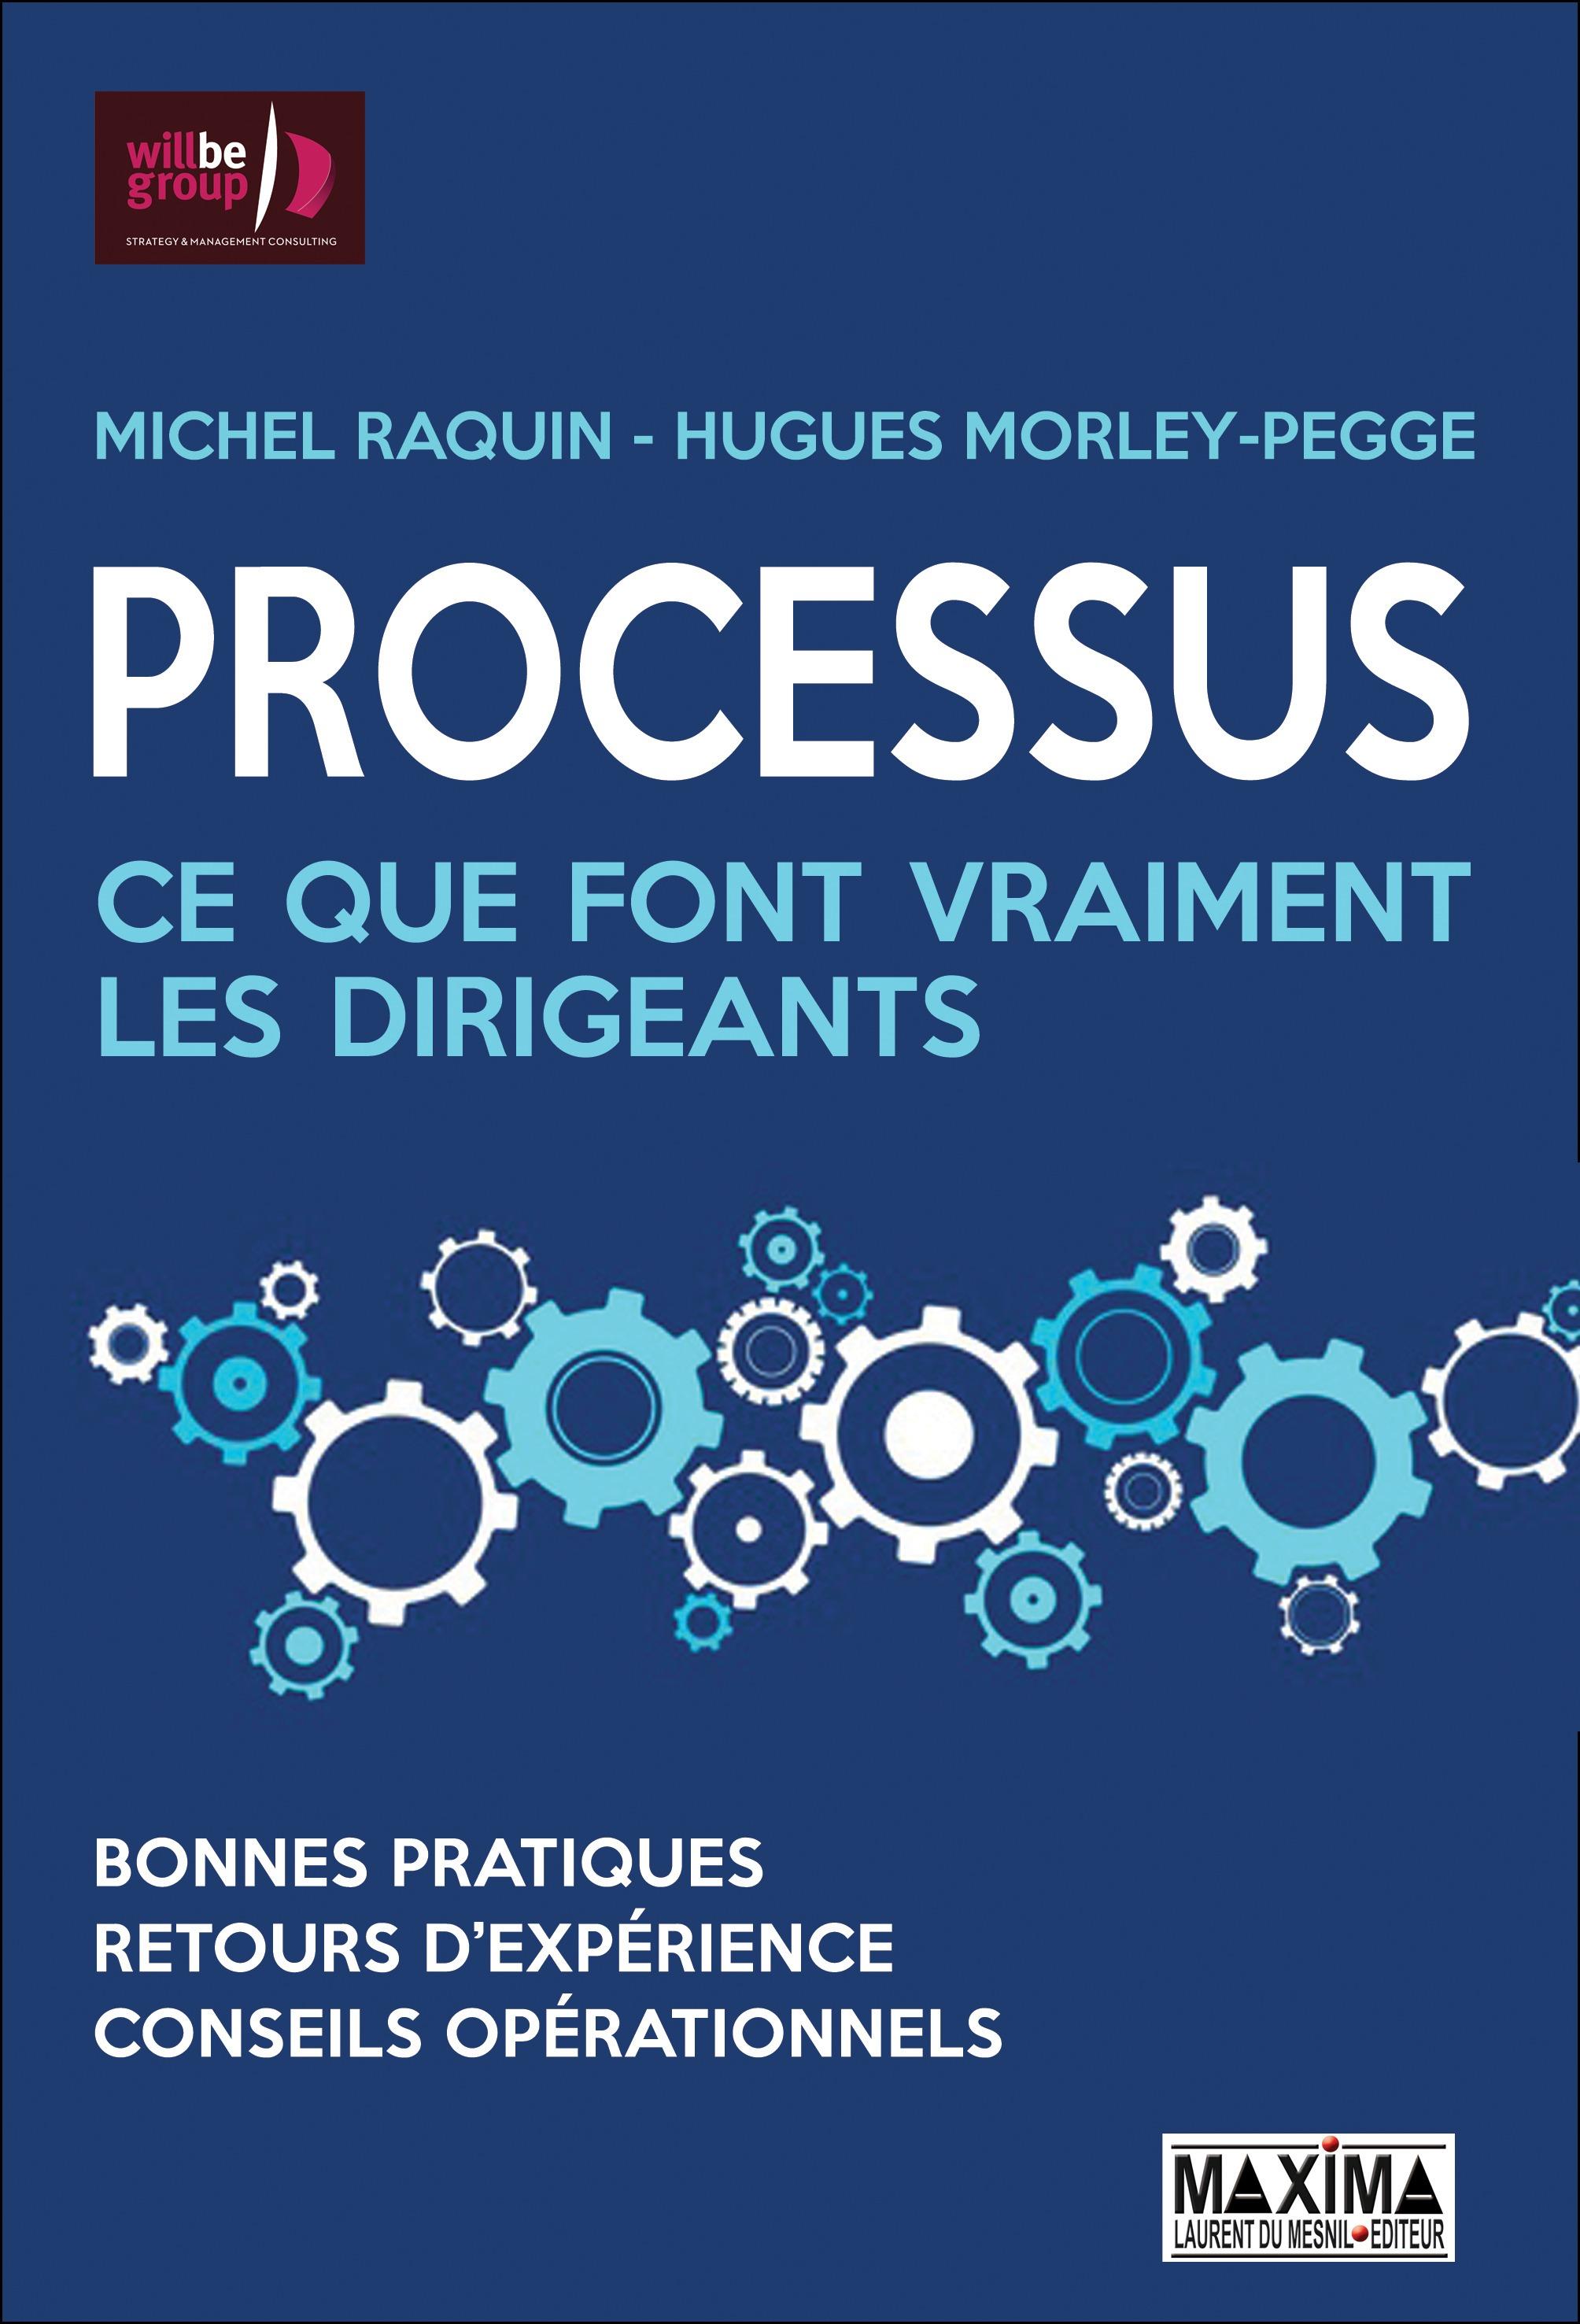 Processus : ce que font vraiment les dirigeants, BONNES PRATIQUES, RETOURS D'EXPÉRIENCE, CONSEILS OPÉRATIONNELS